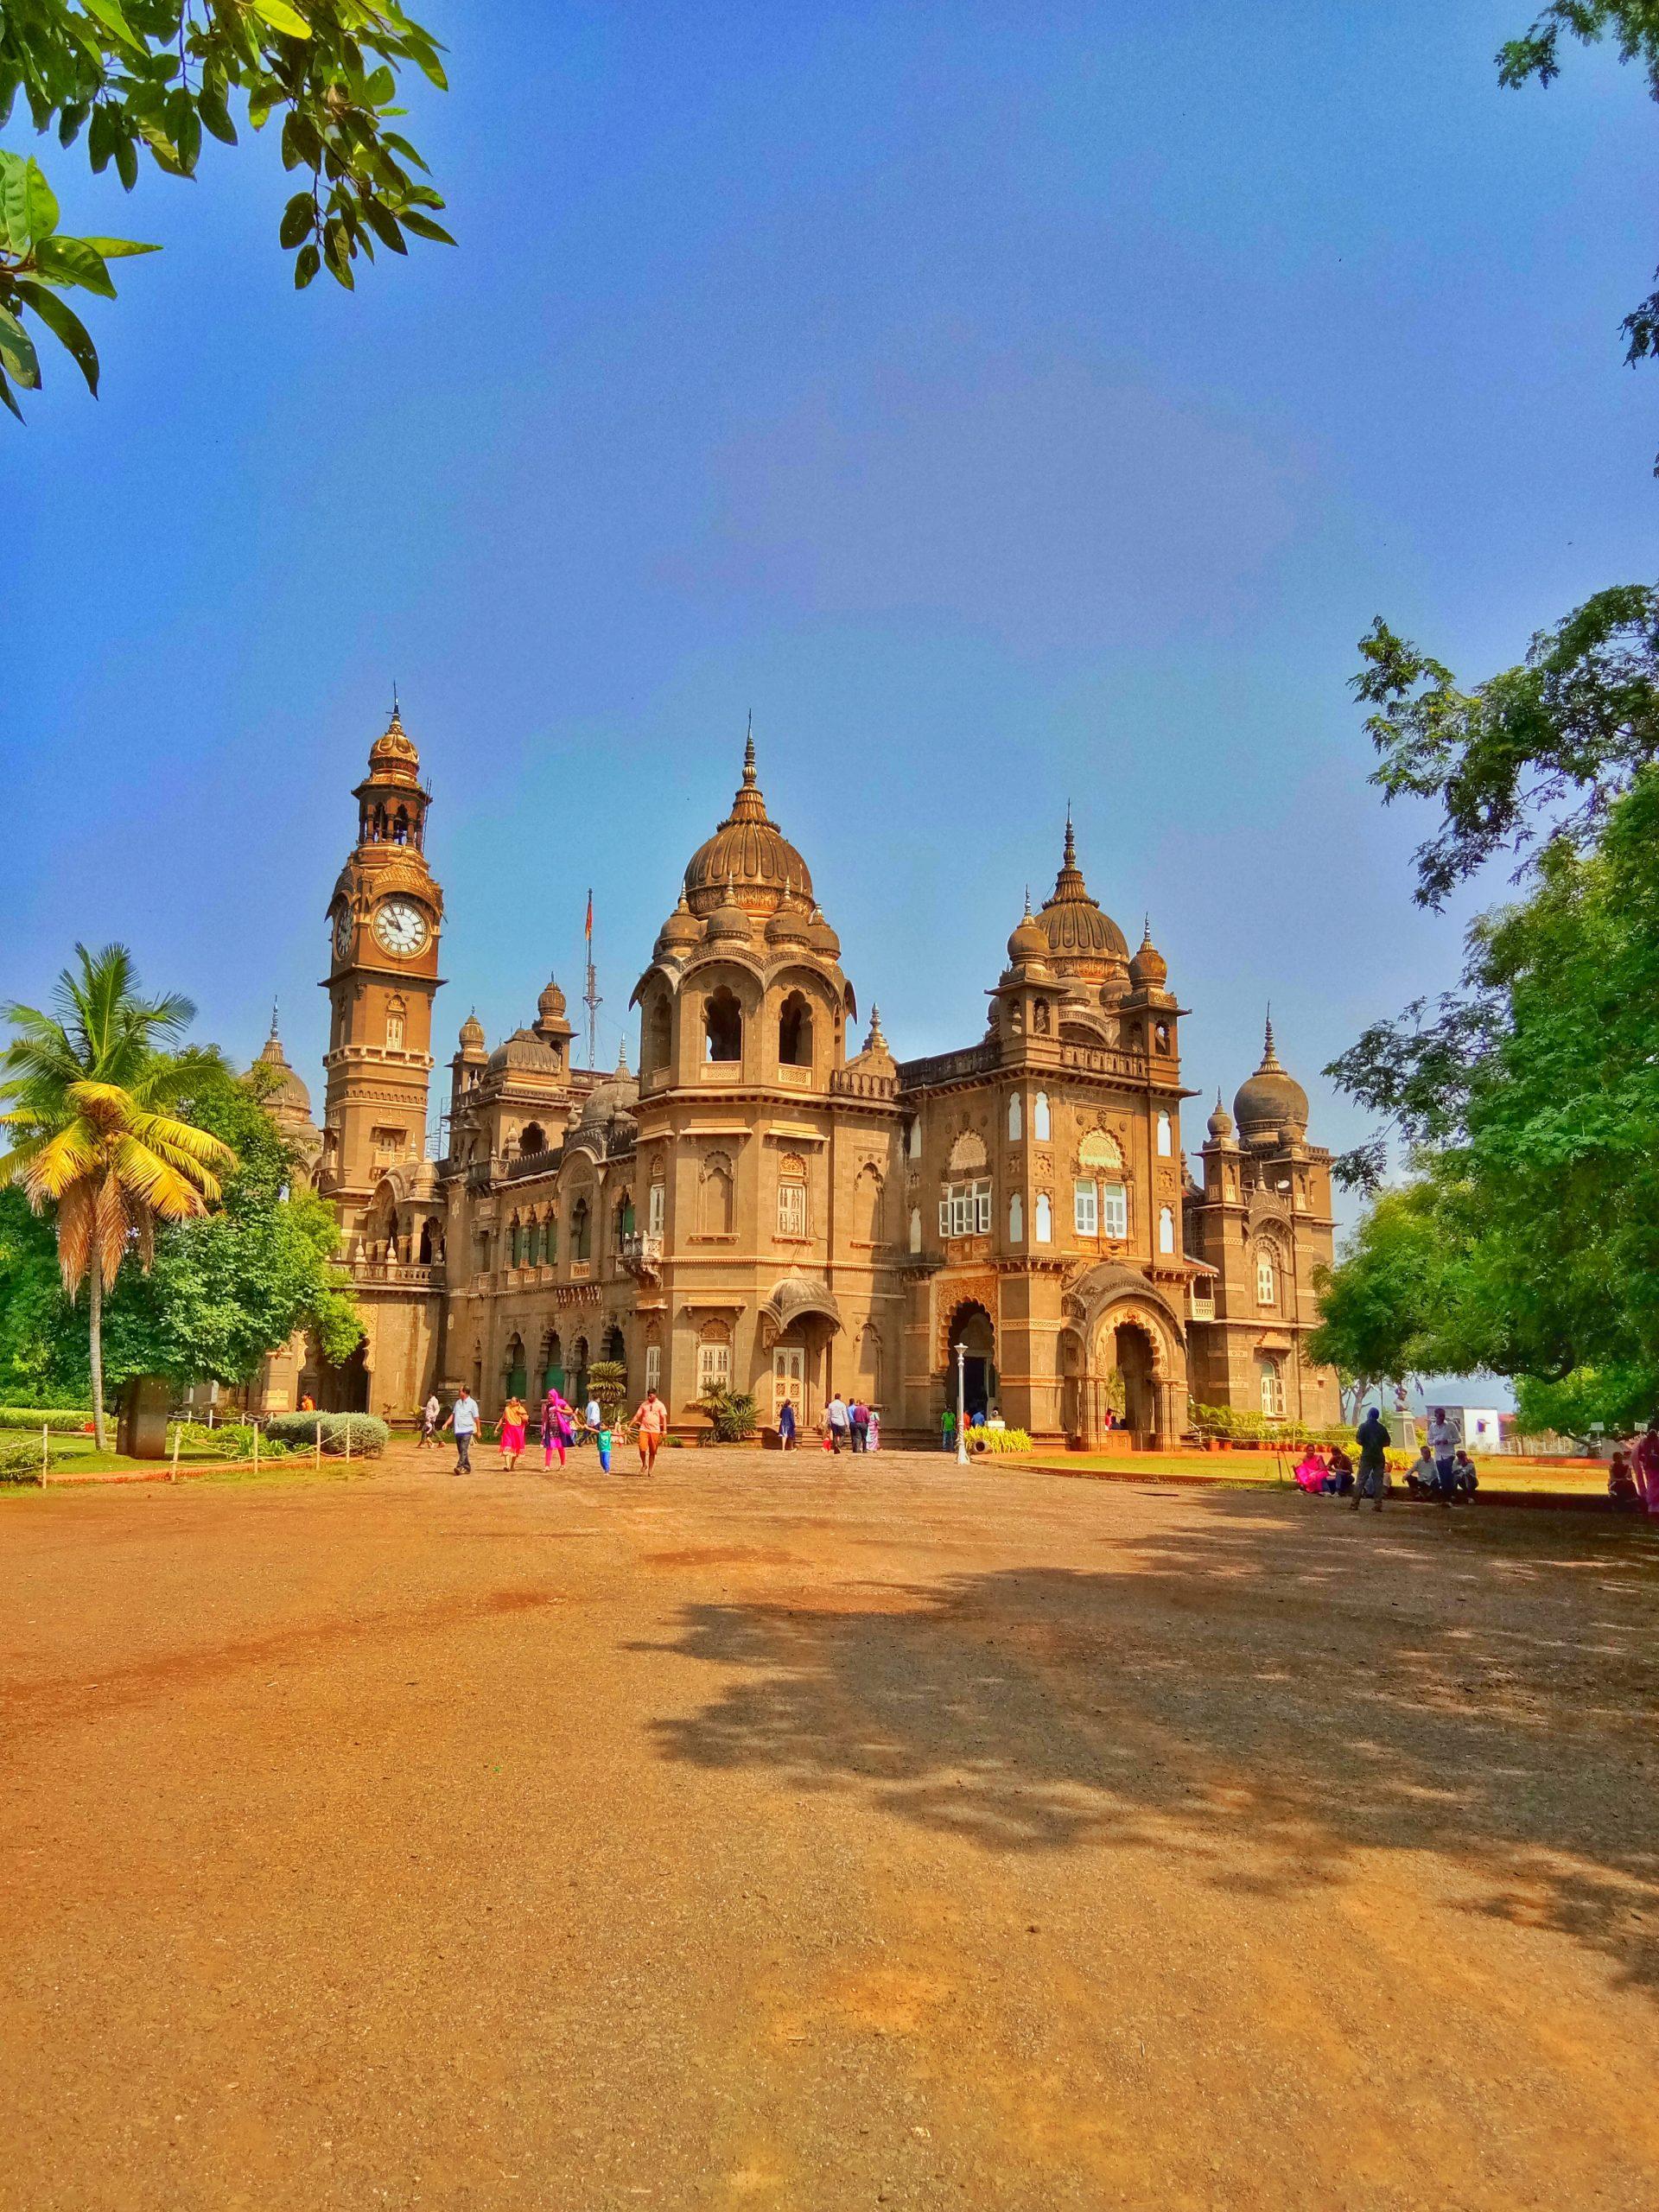 Sahumaharaj Palace in Kolhapur